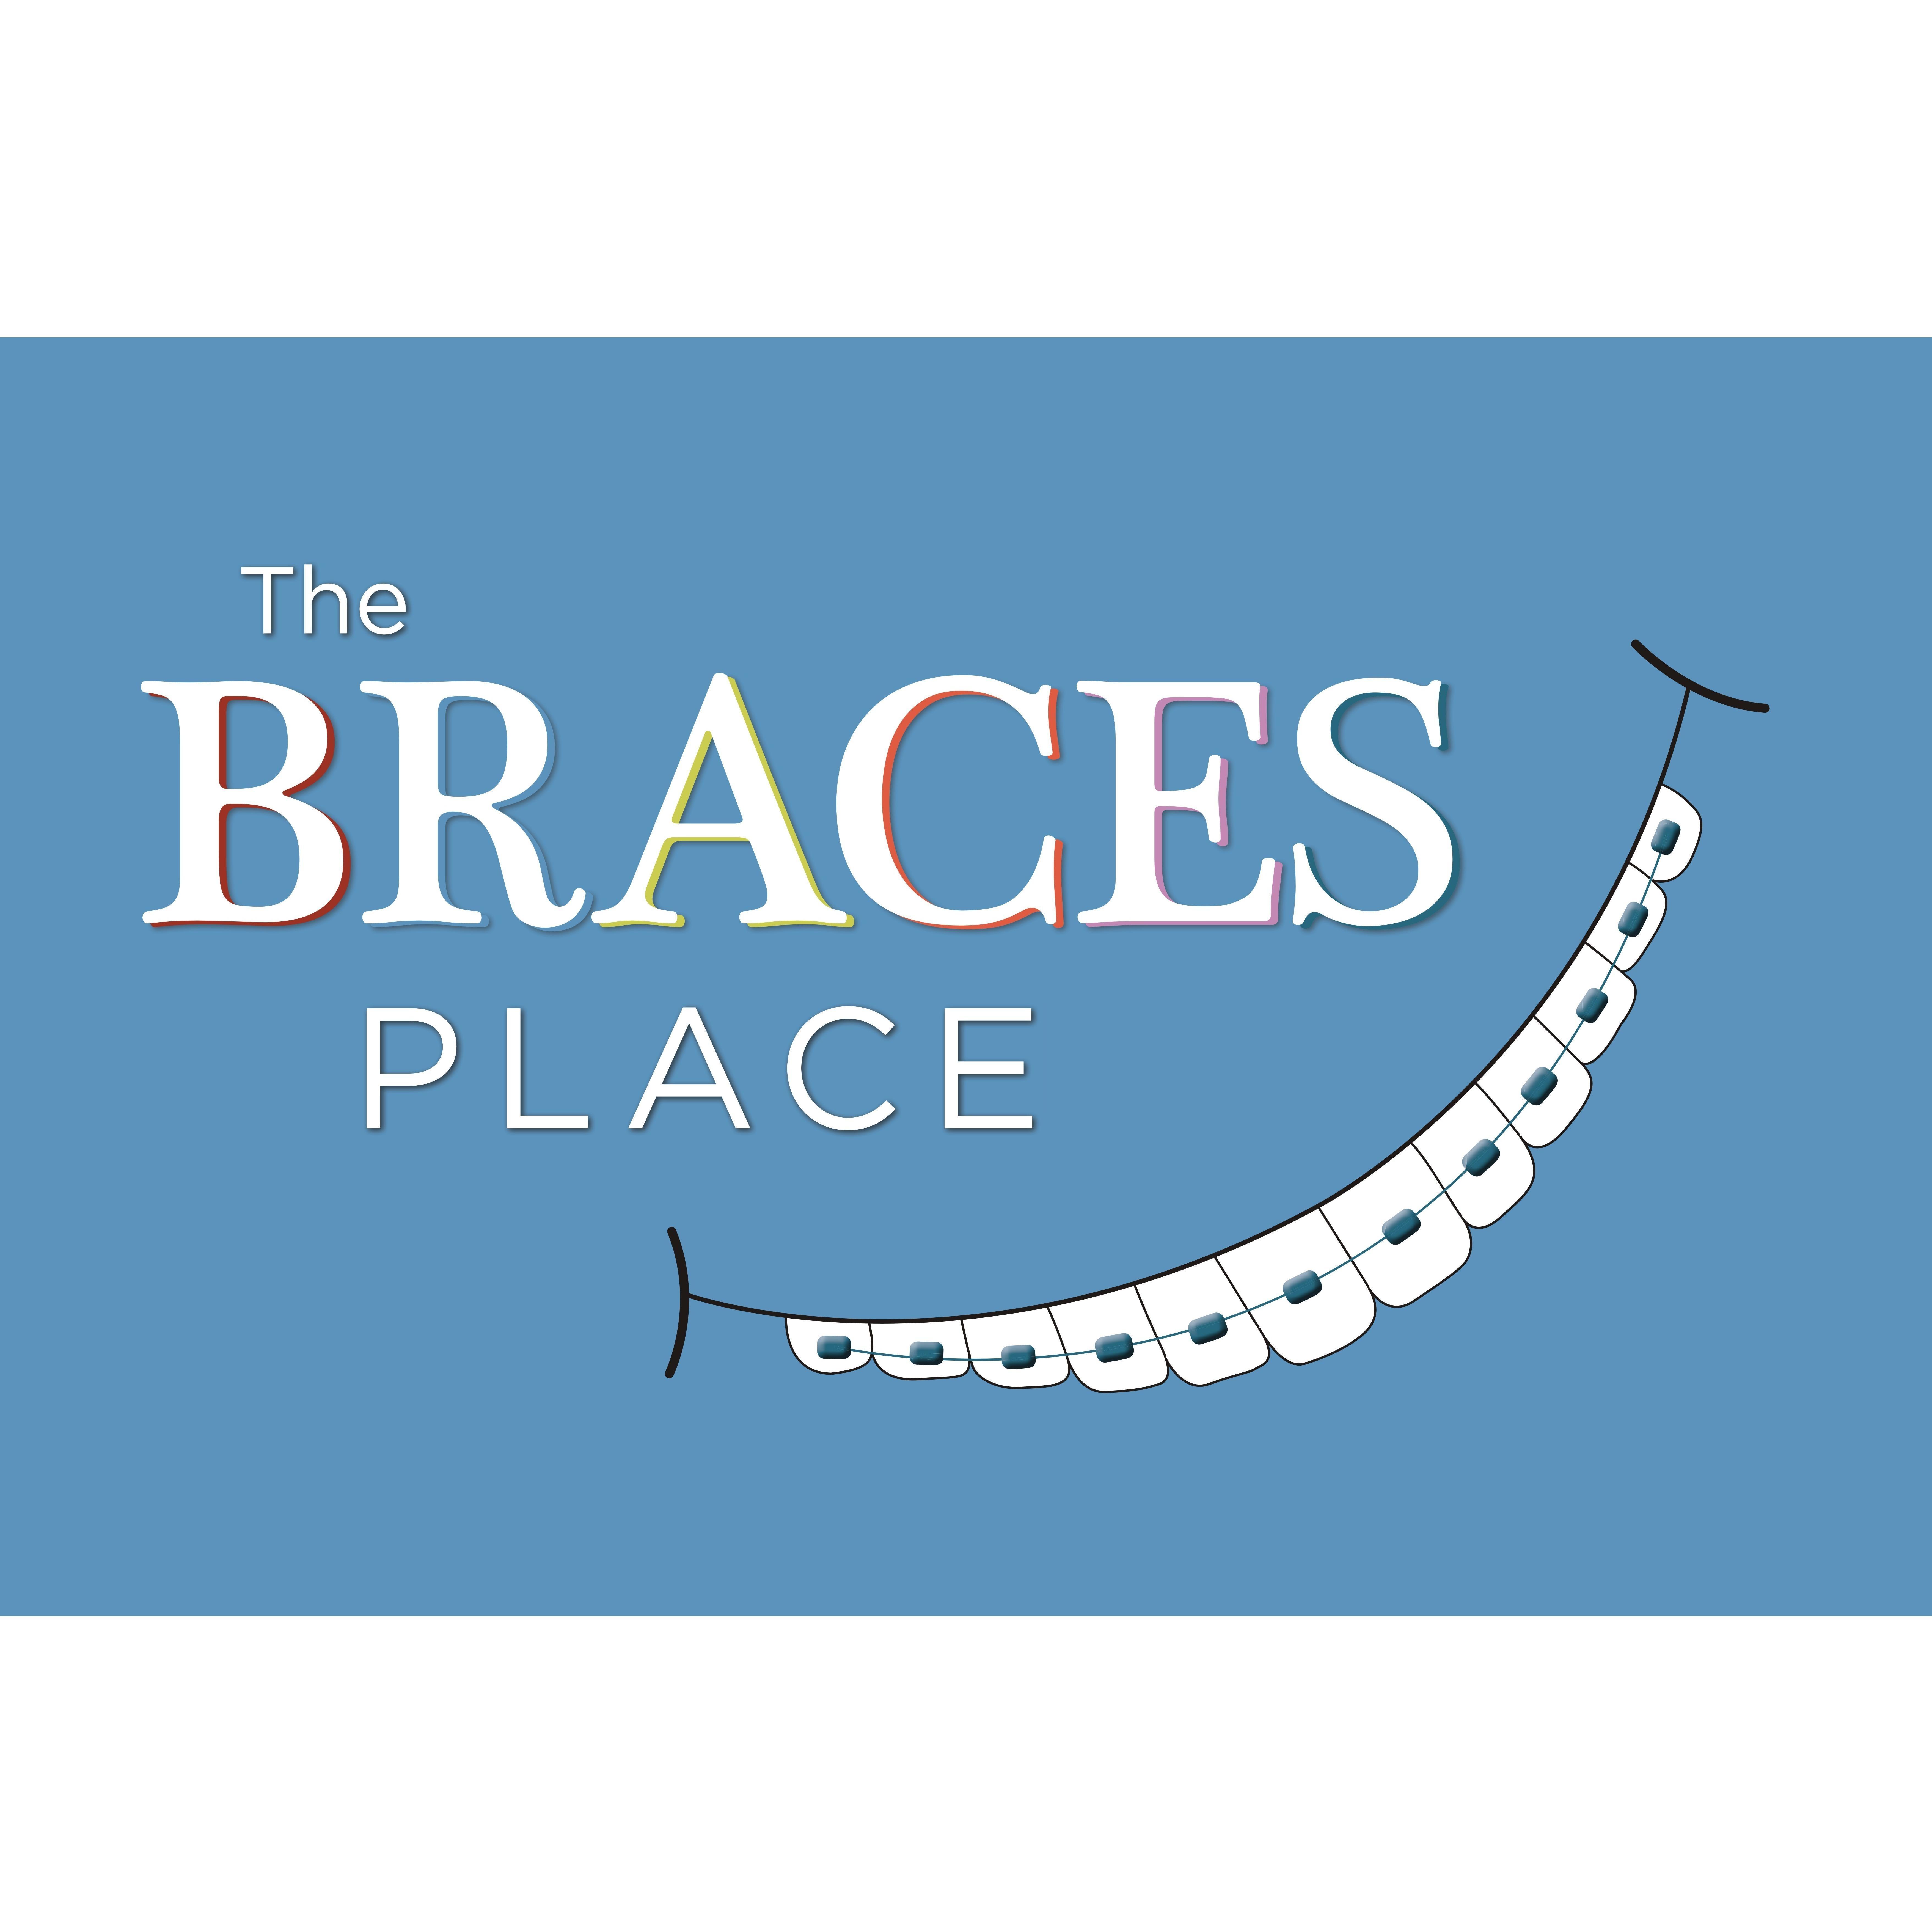 The Braces Place at Davis Square